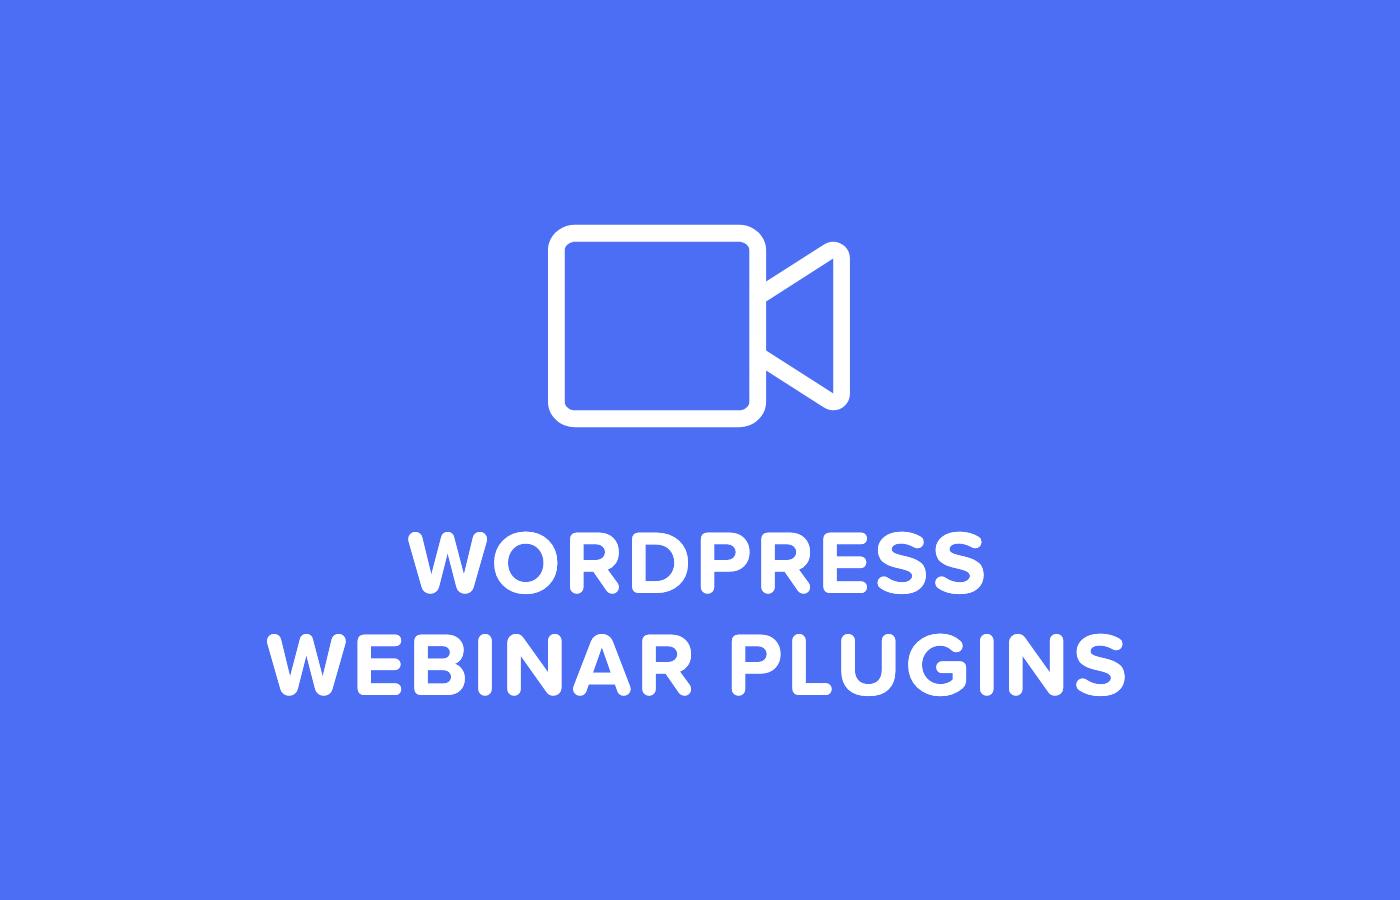 Top 5 WordPress Webinar Plugins To Integrate Into Your Website